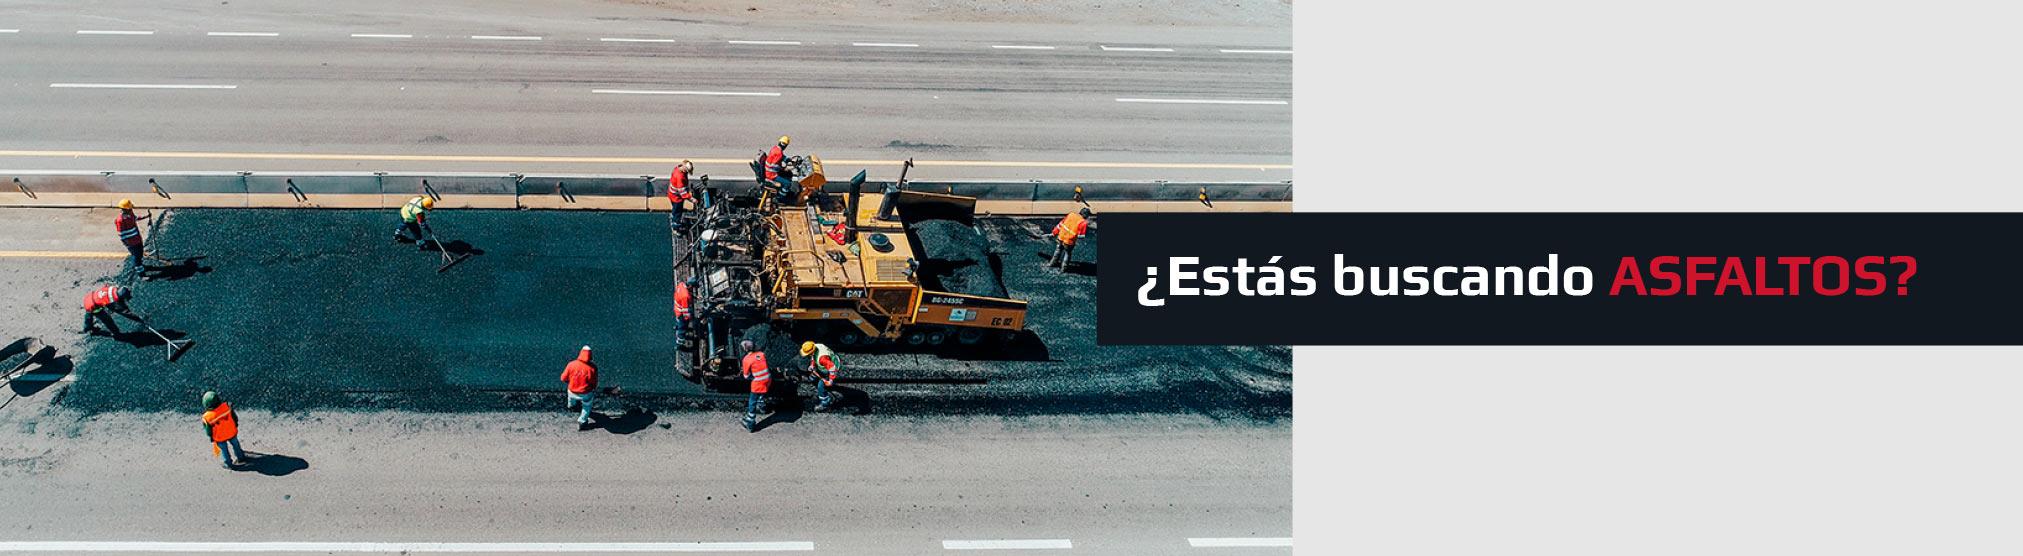 banner asfaltos